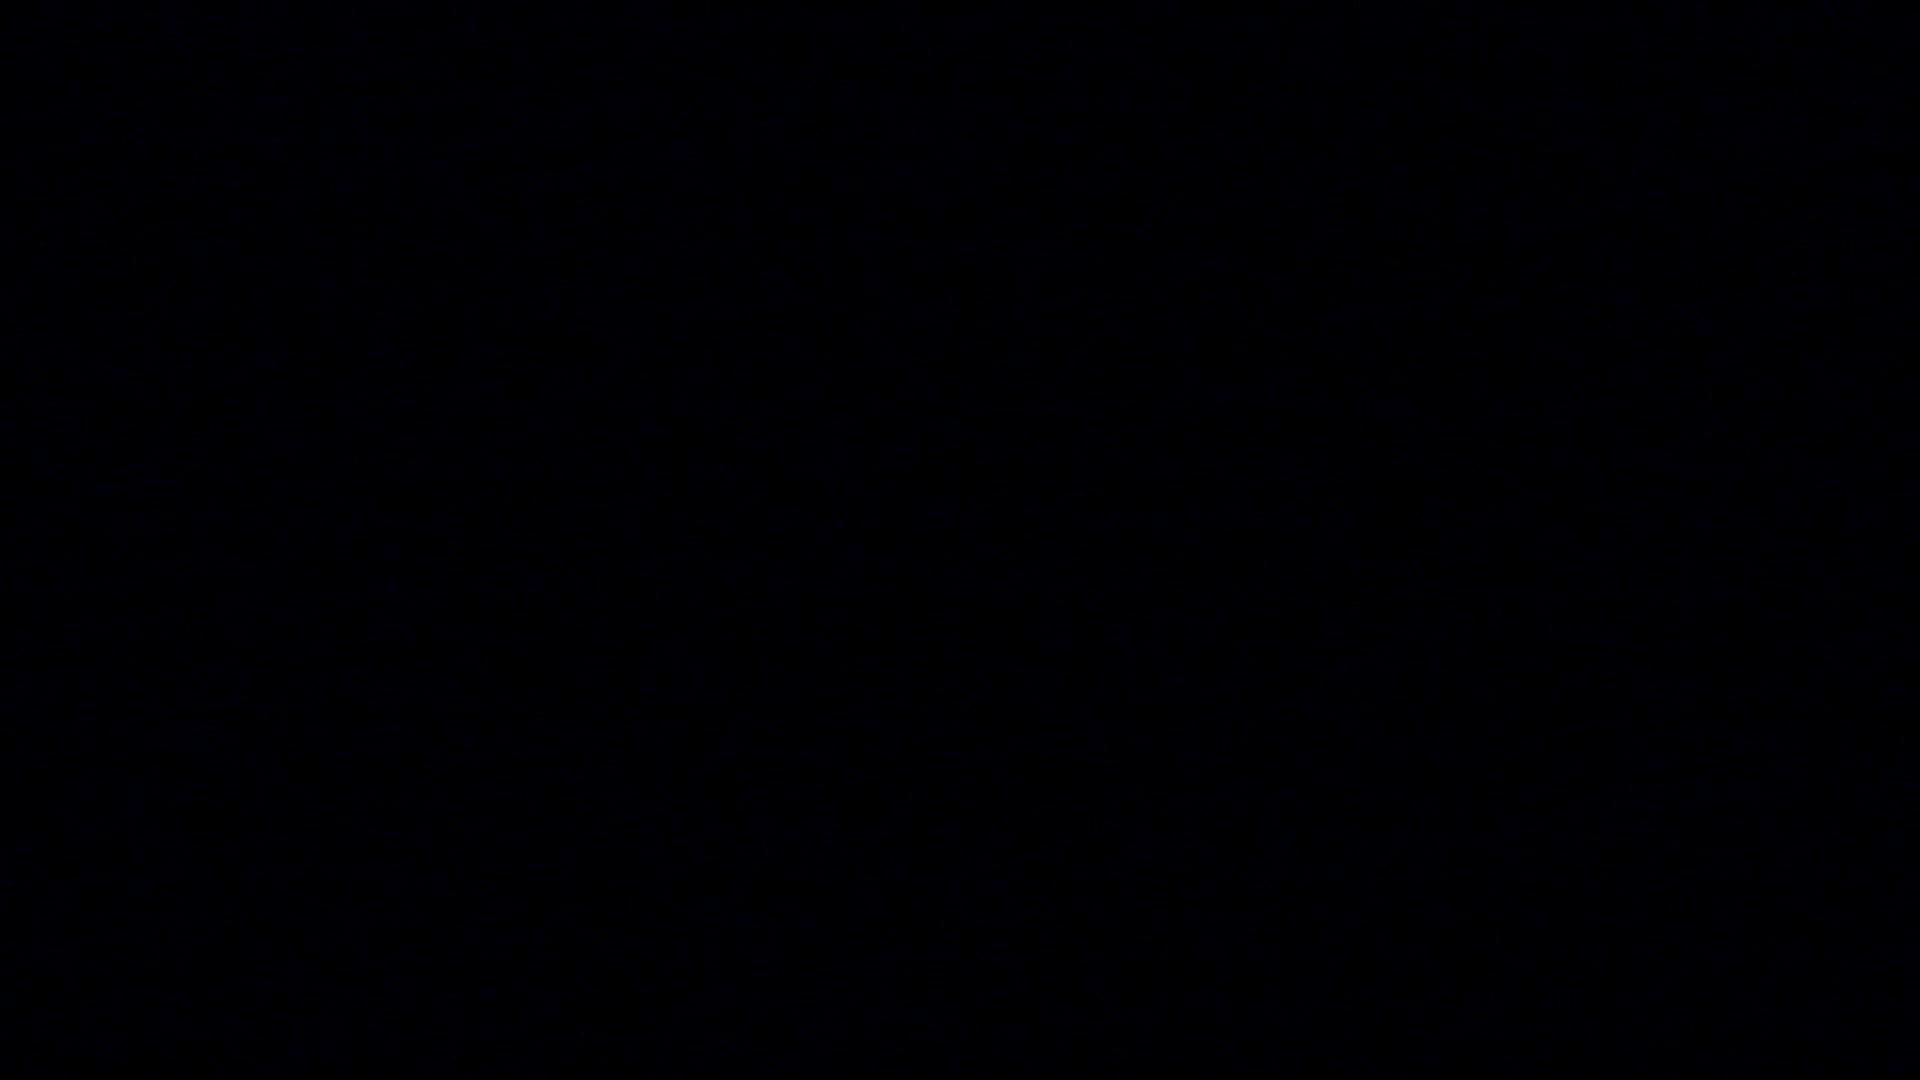 無修正エロ動画|世界の射窓から ステーション編 vol.8|怪盗ジョーカー